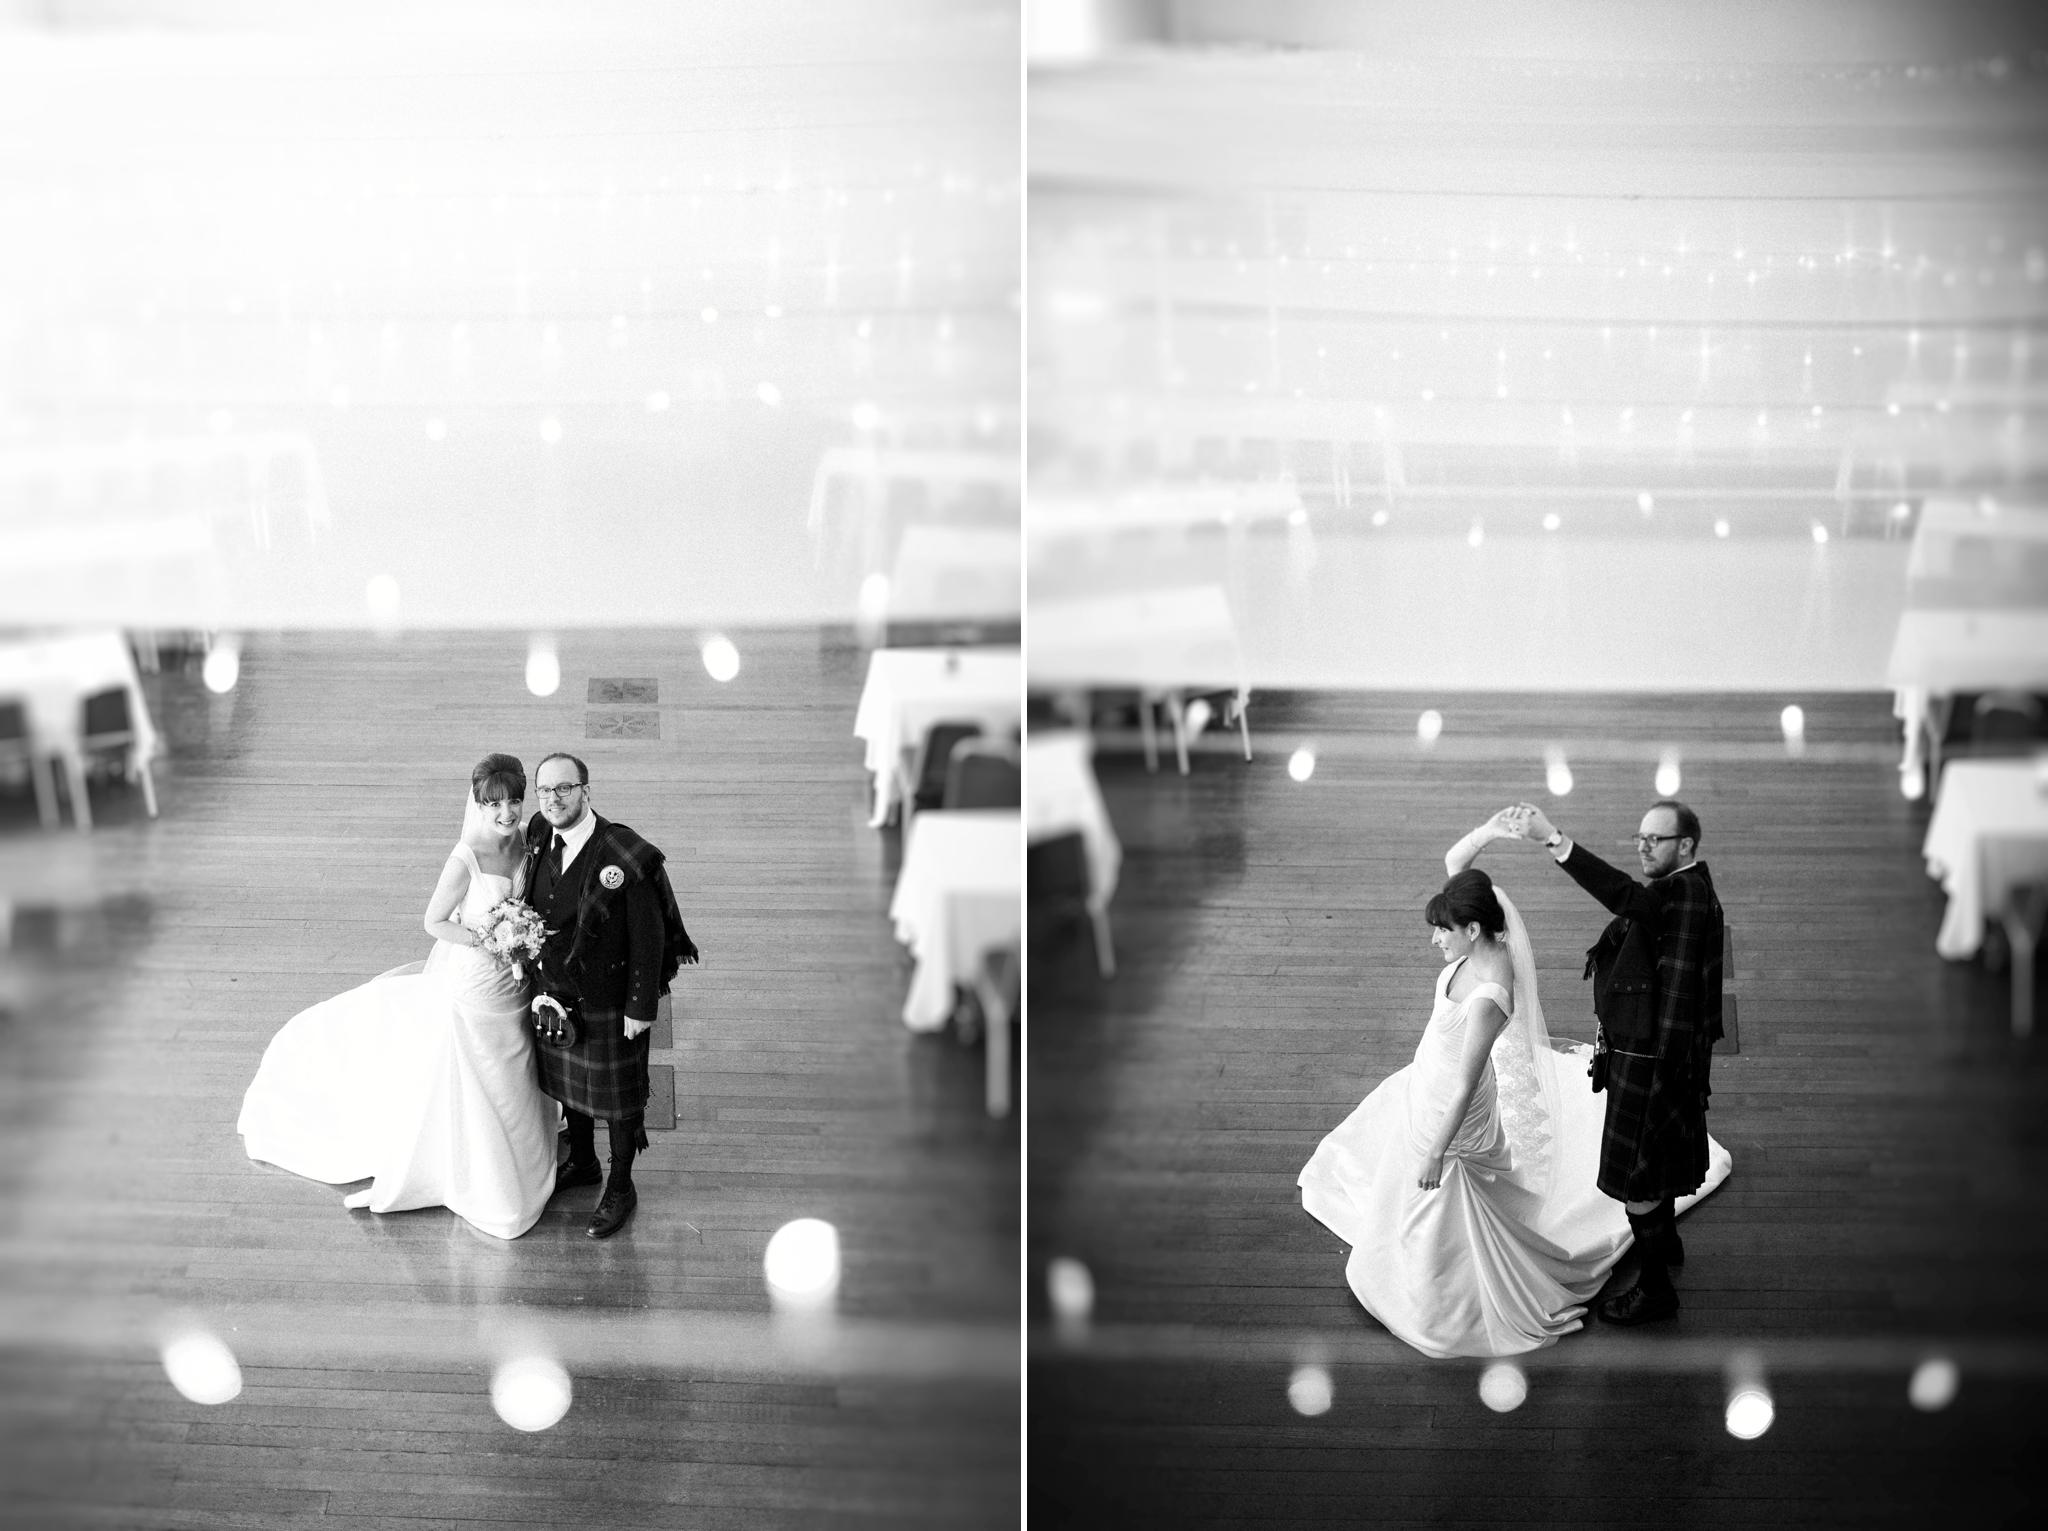 077-new-lanark-wedding-photographer.jpg